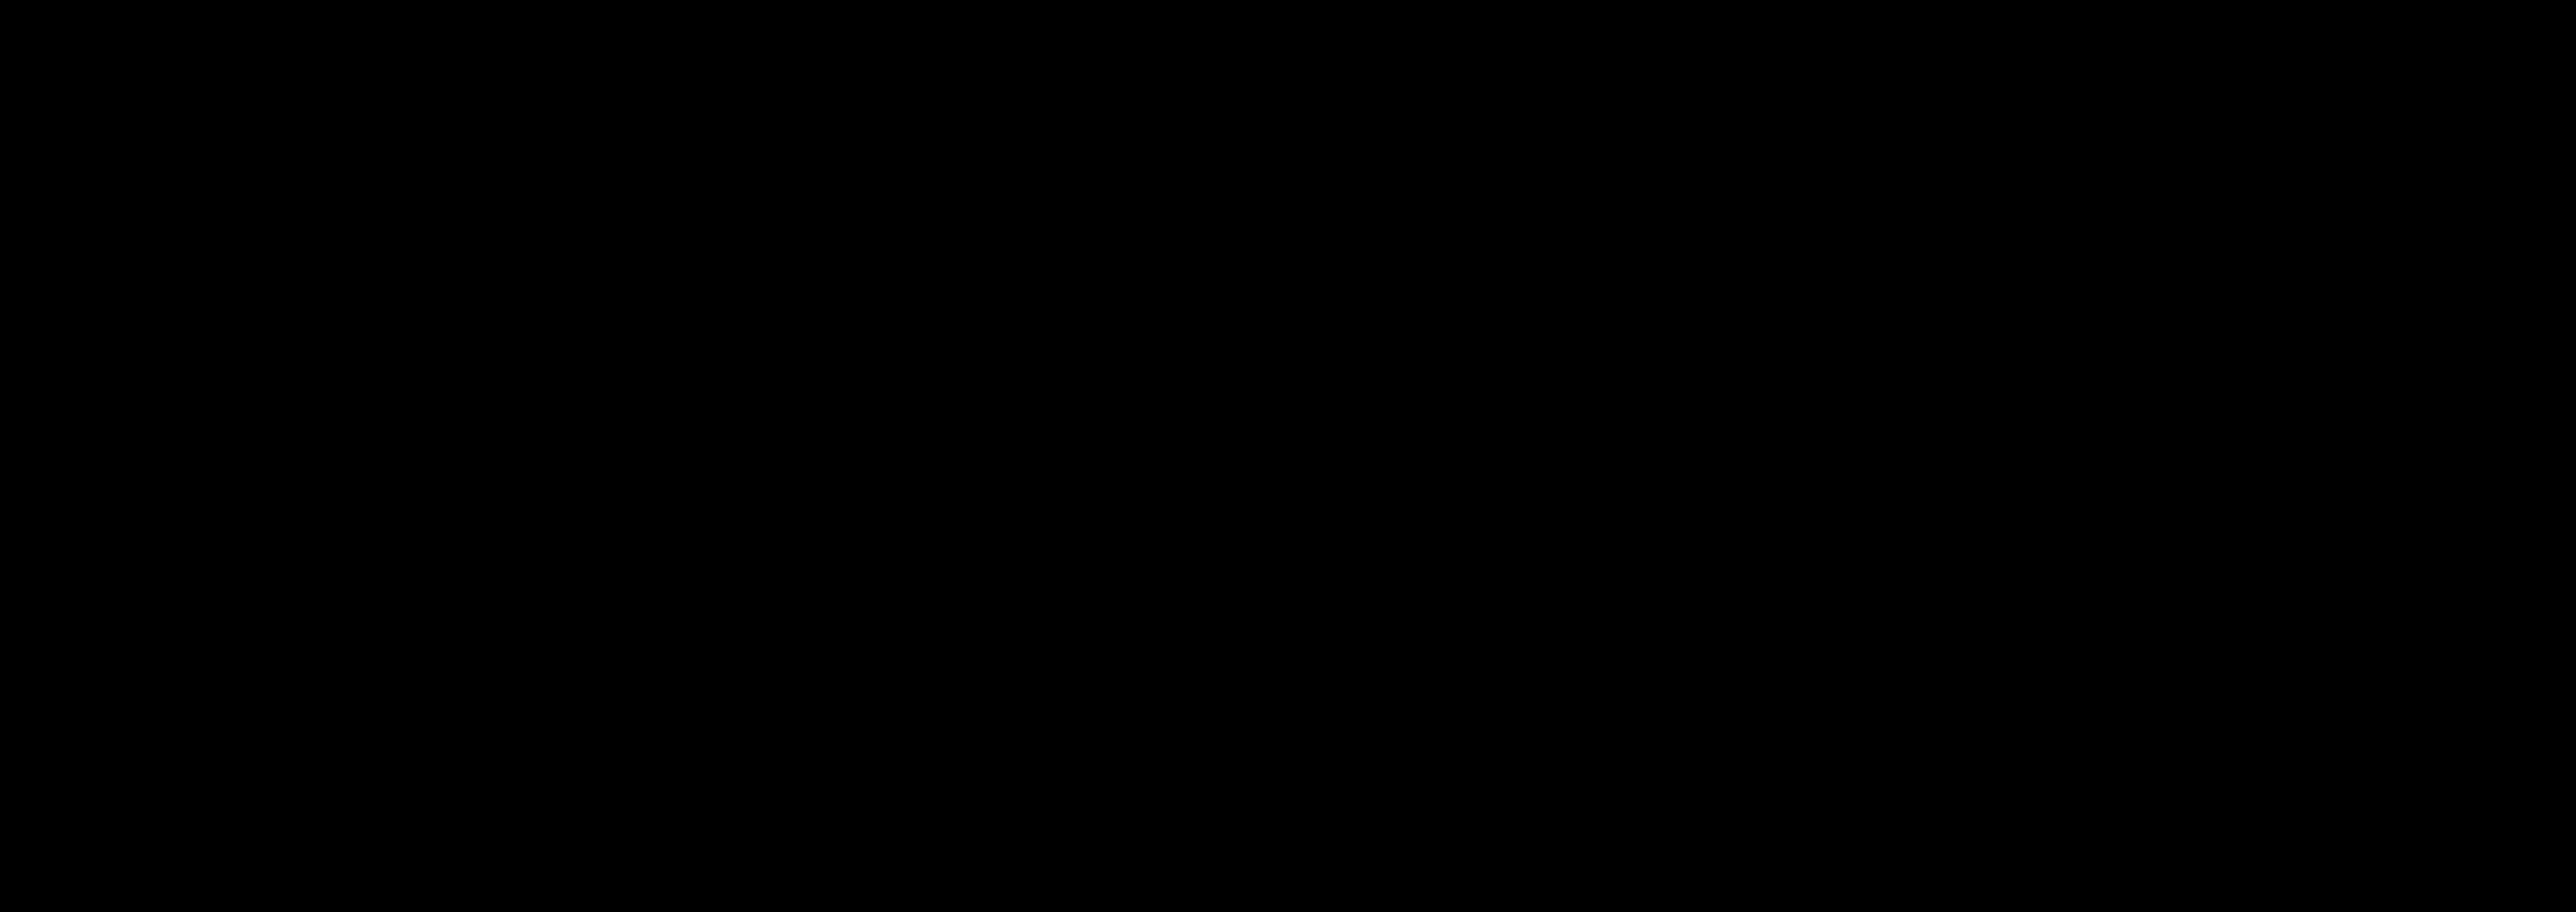 Trek logo